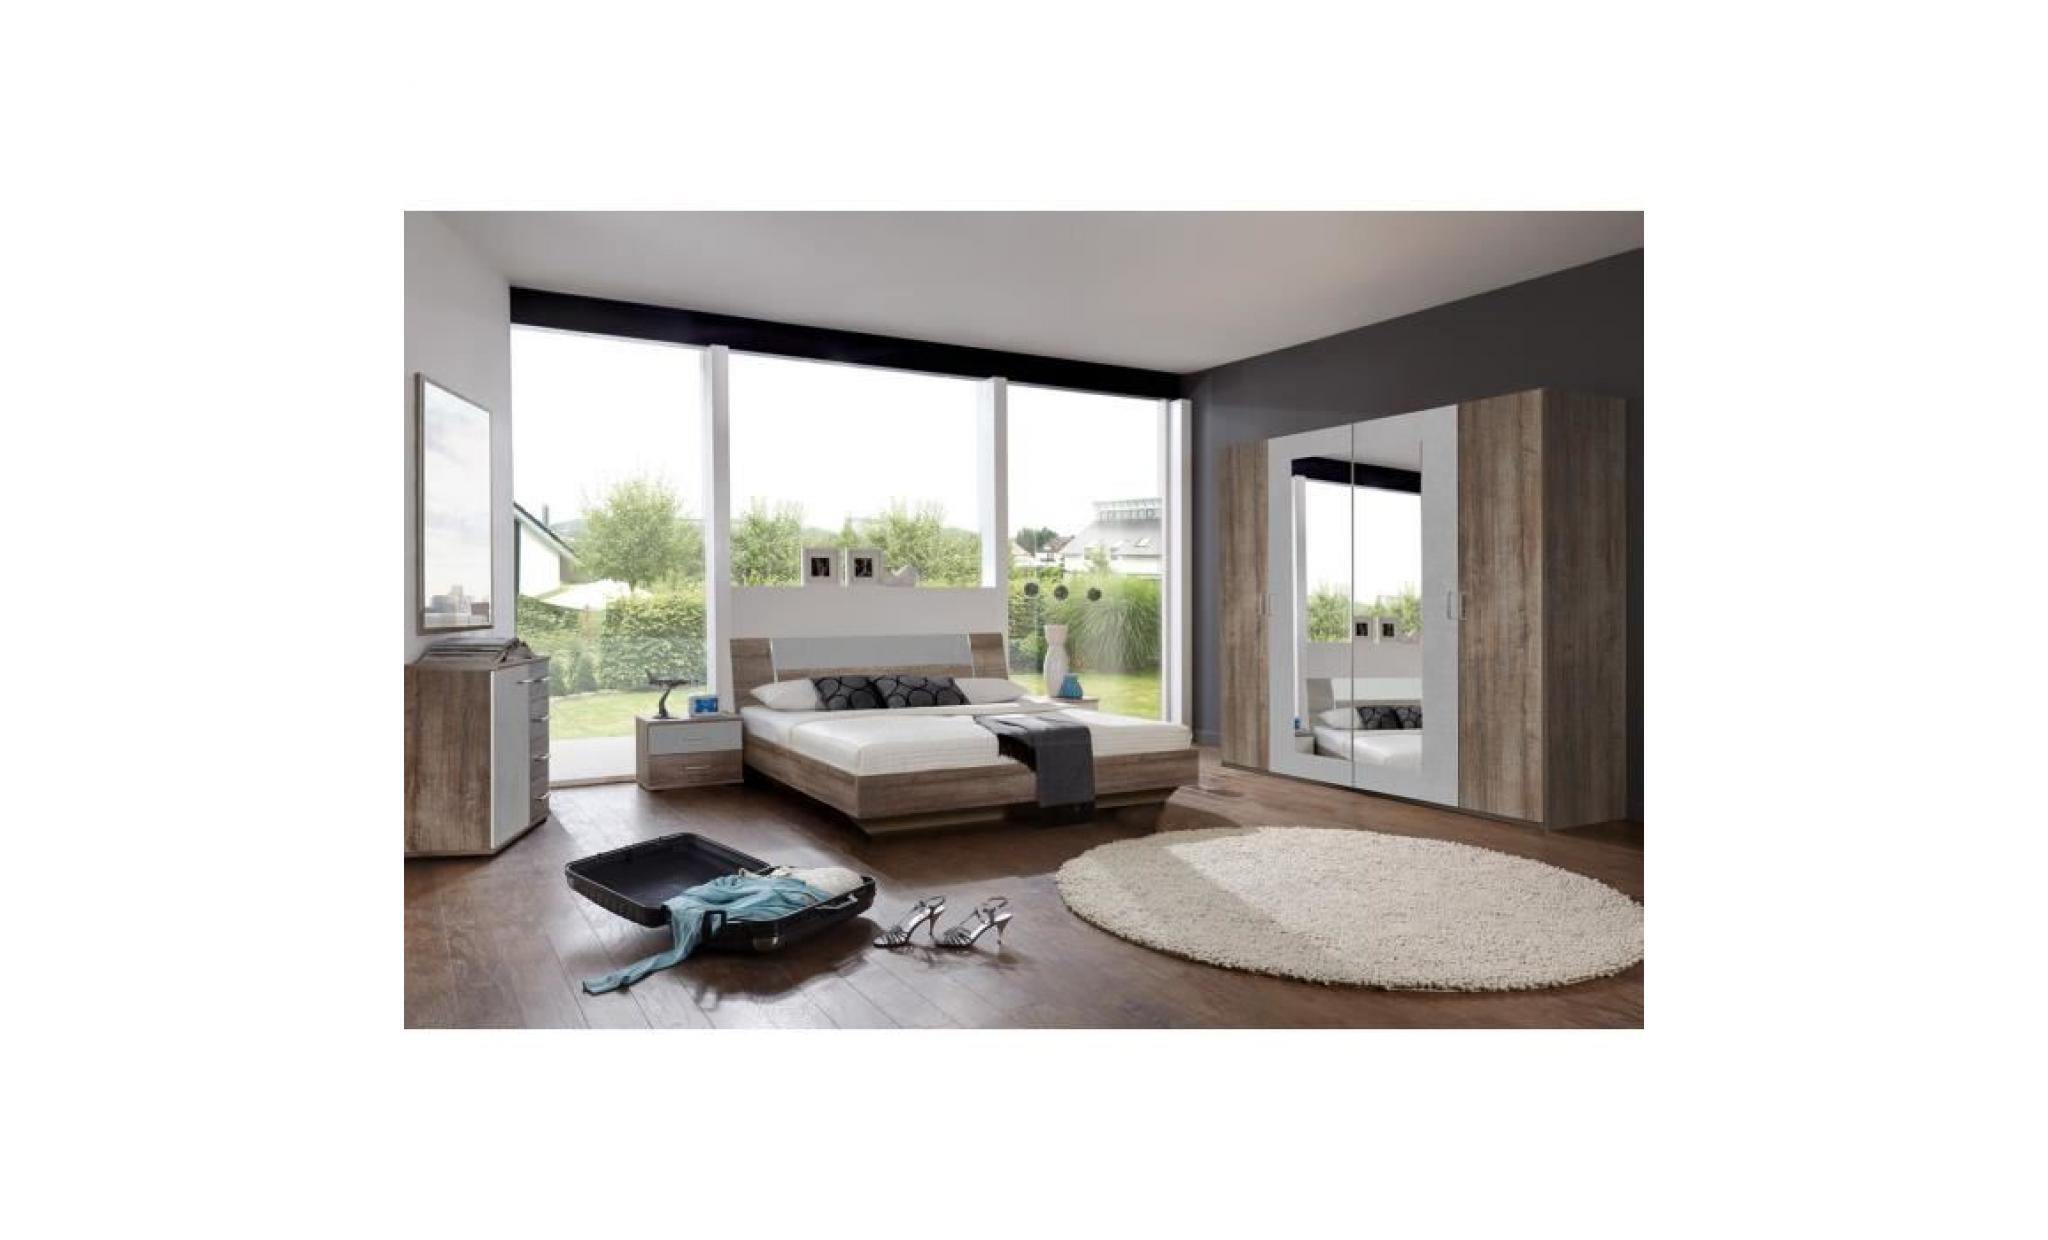 chambre adulte complète, imitation chêne chataigne, rechampis teinte béton  gris clair dim : 160 x 200 cm